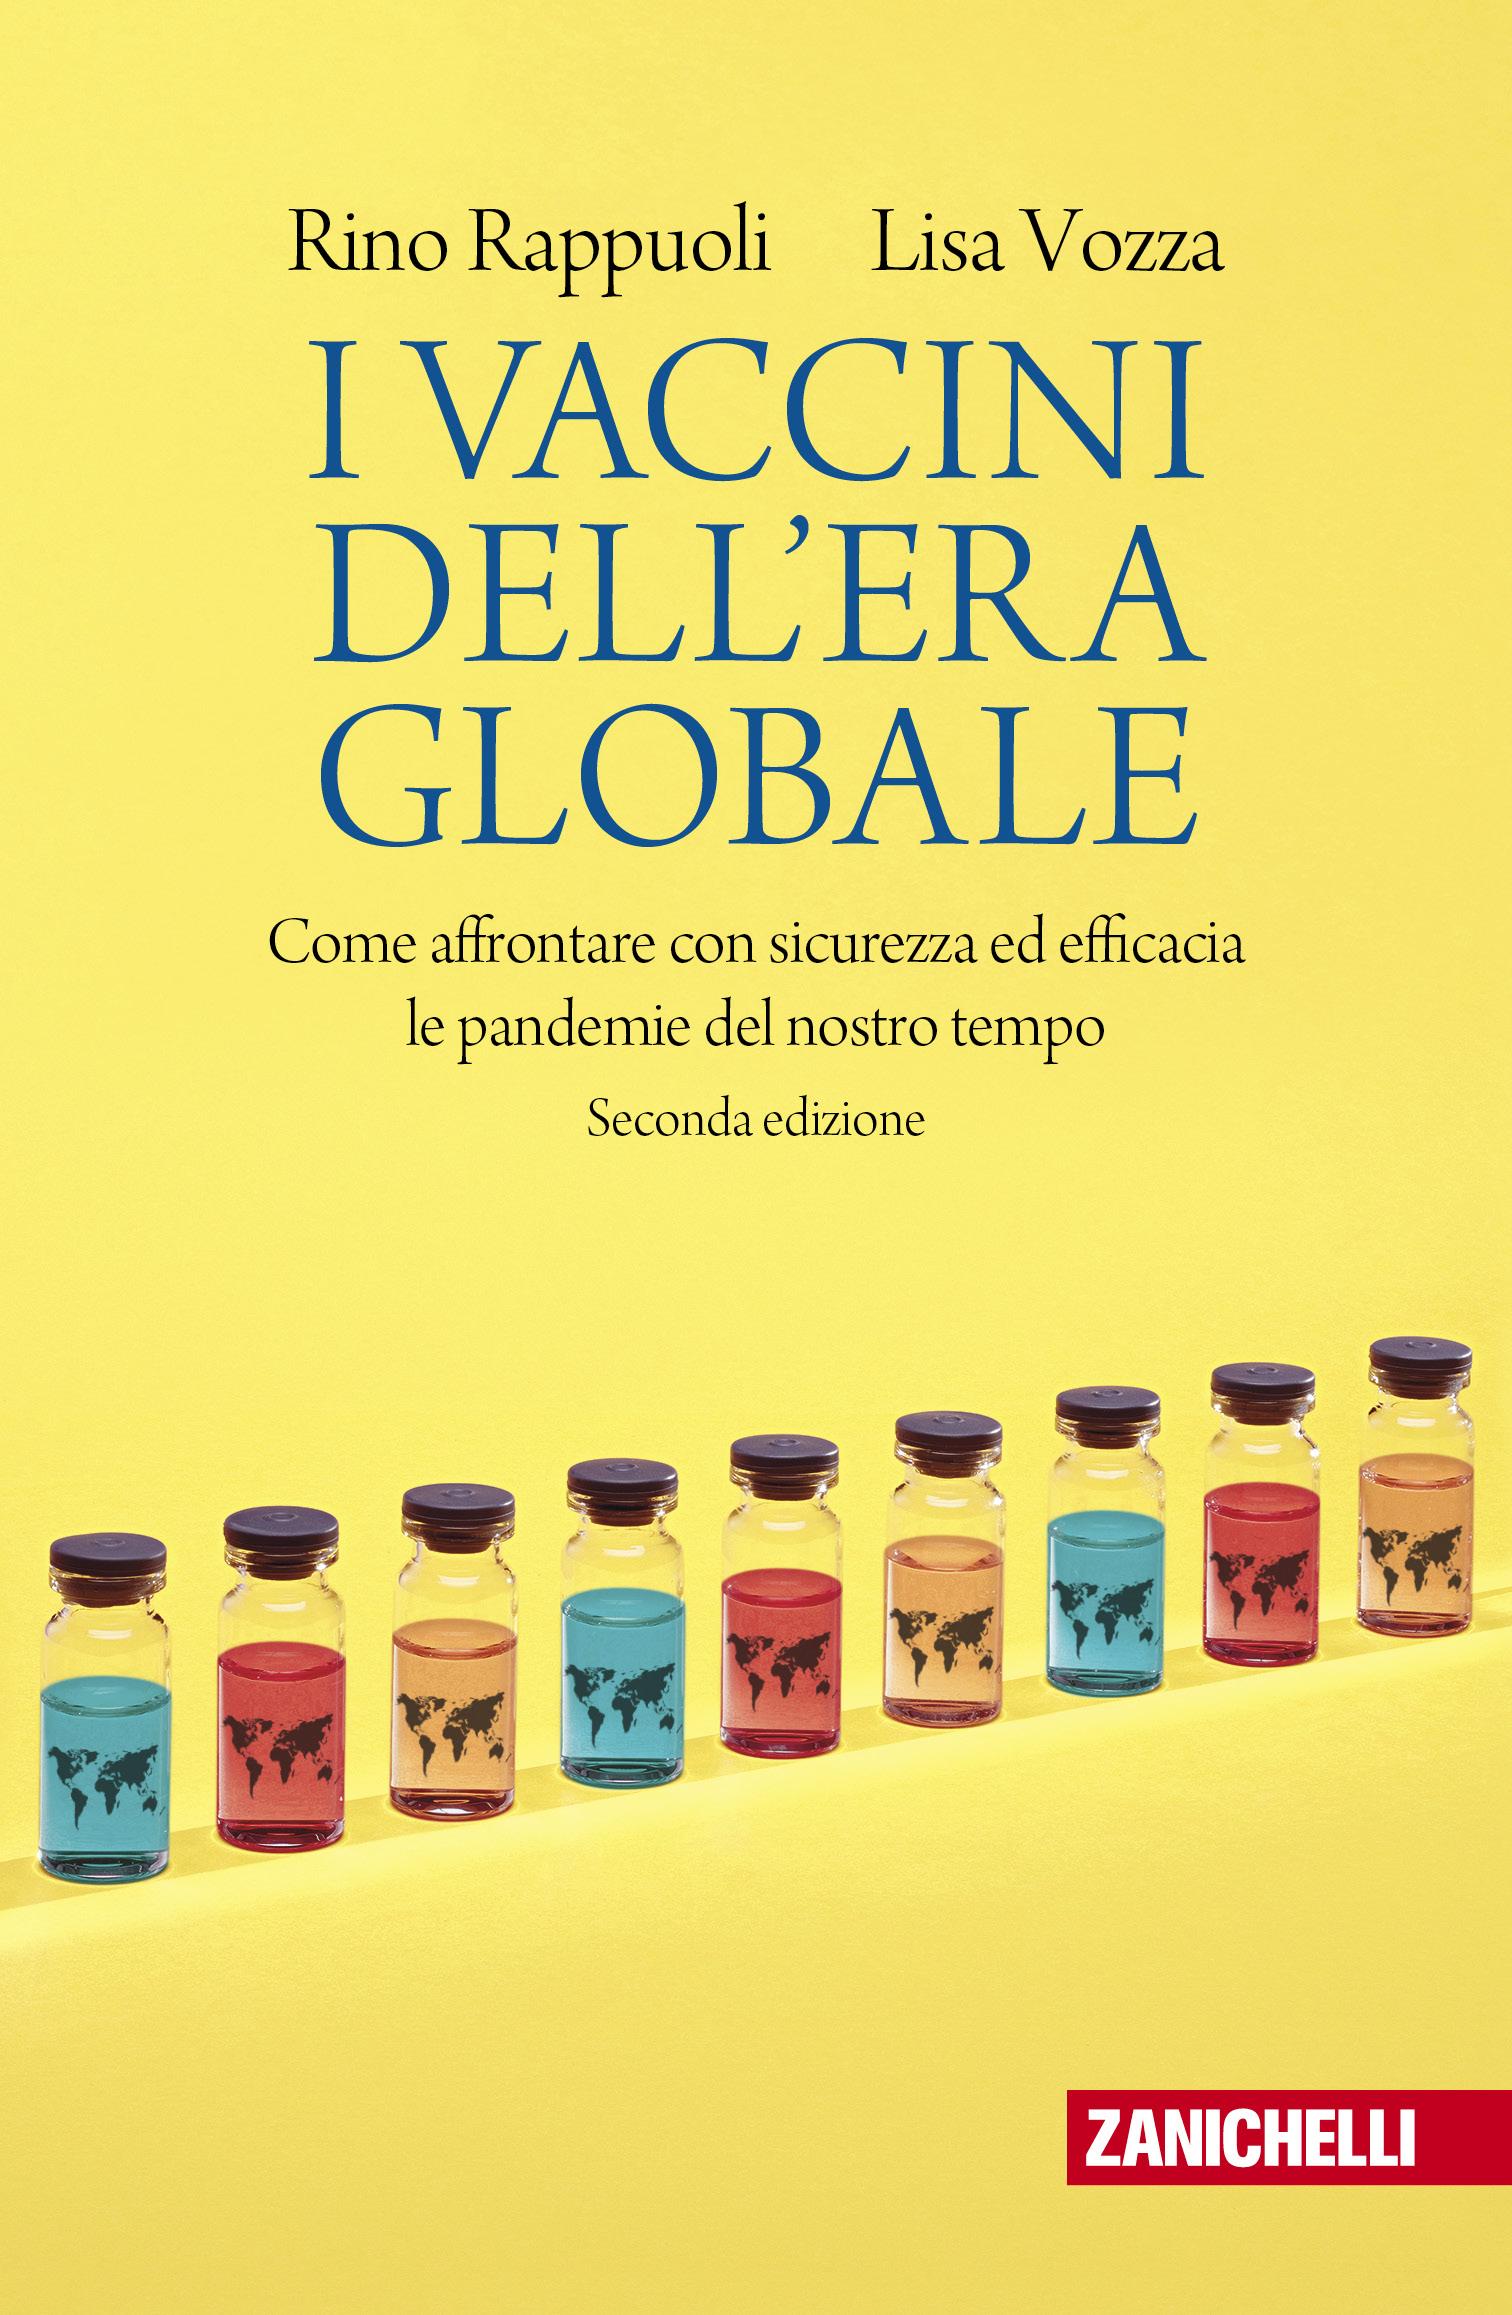 Rino Rappuoli e Lisa Vozza  - I vaccini dell'era globale